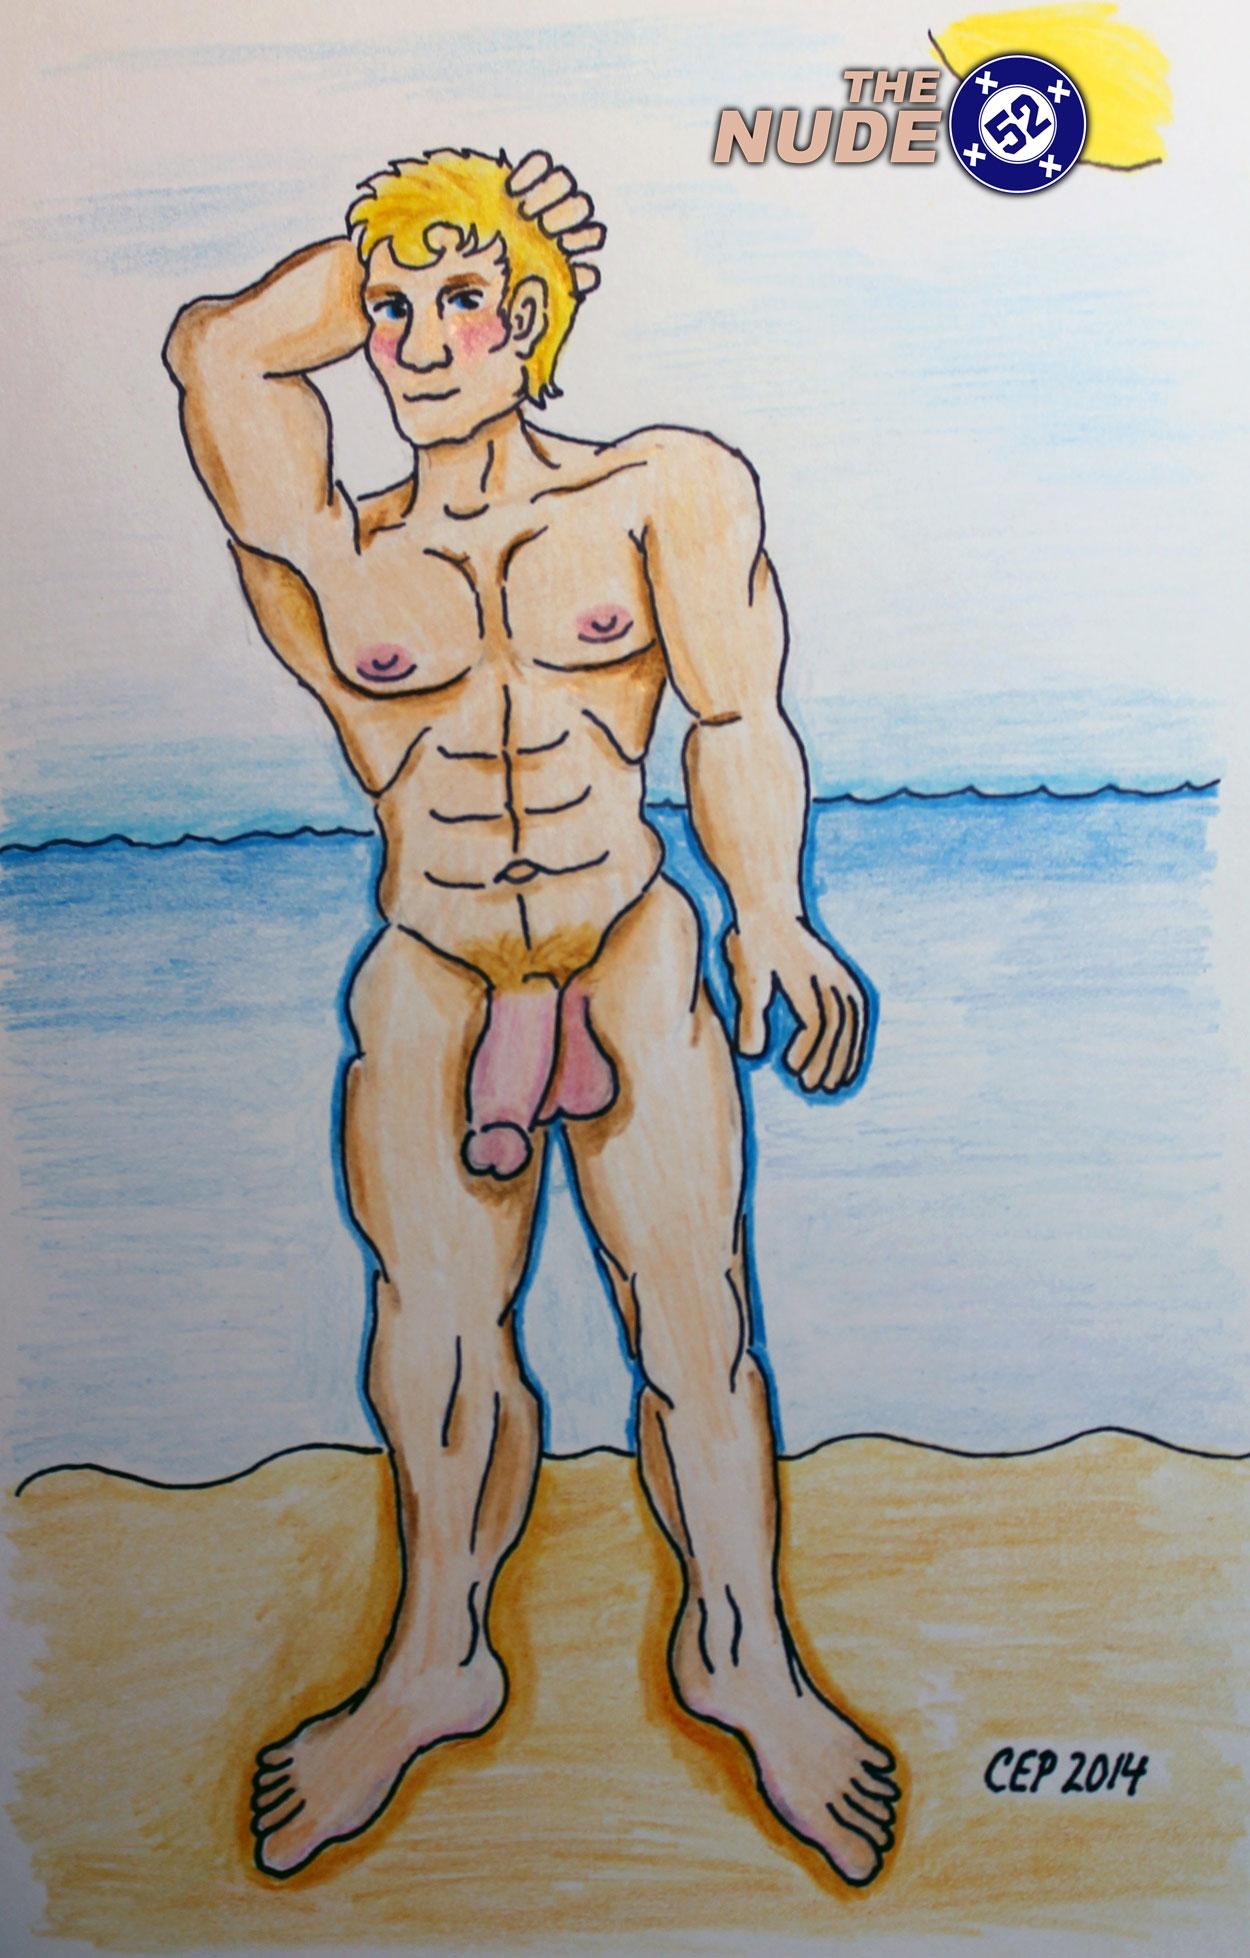 Nude 52 Aqualad